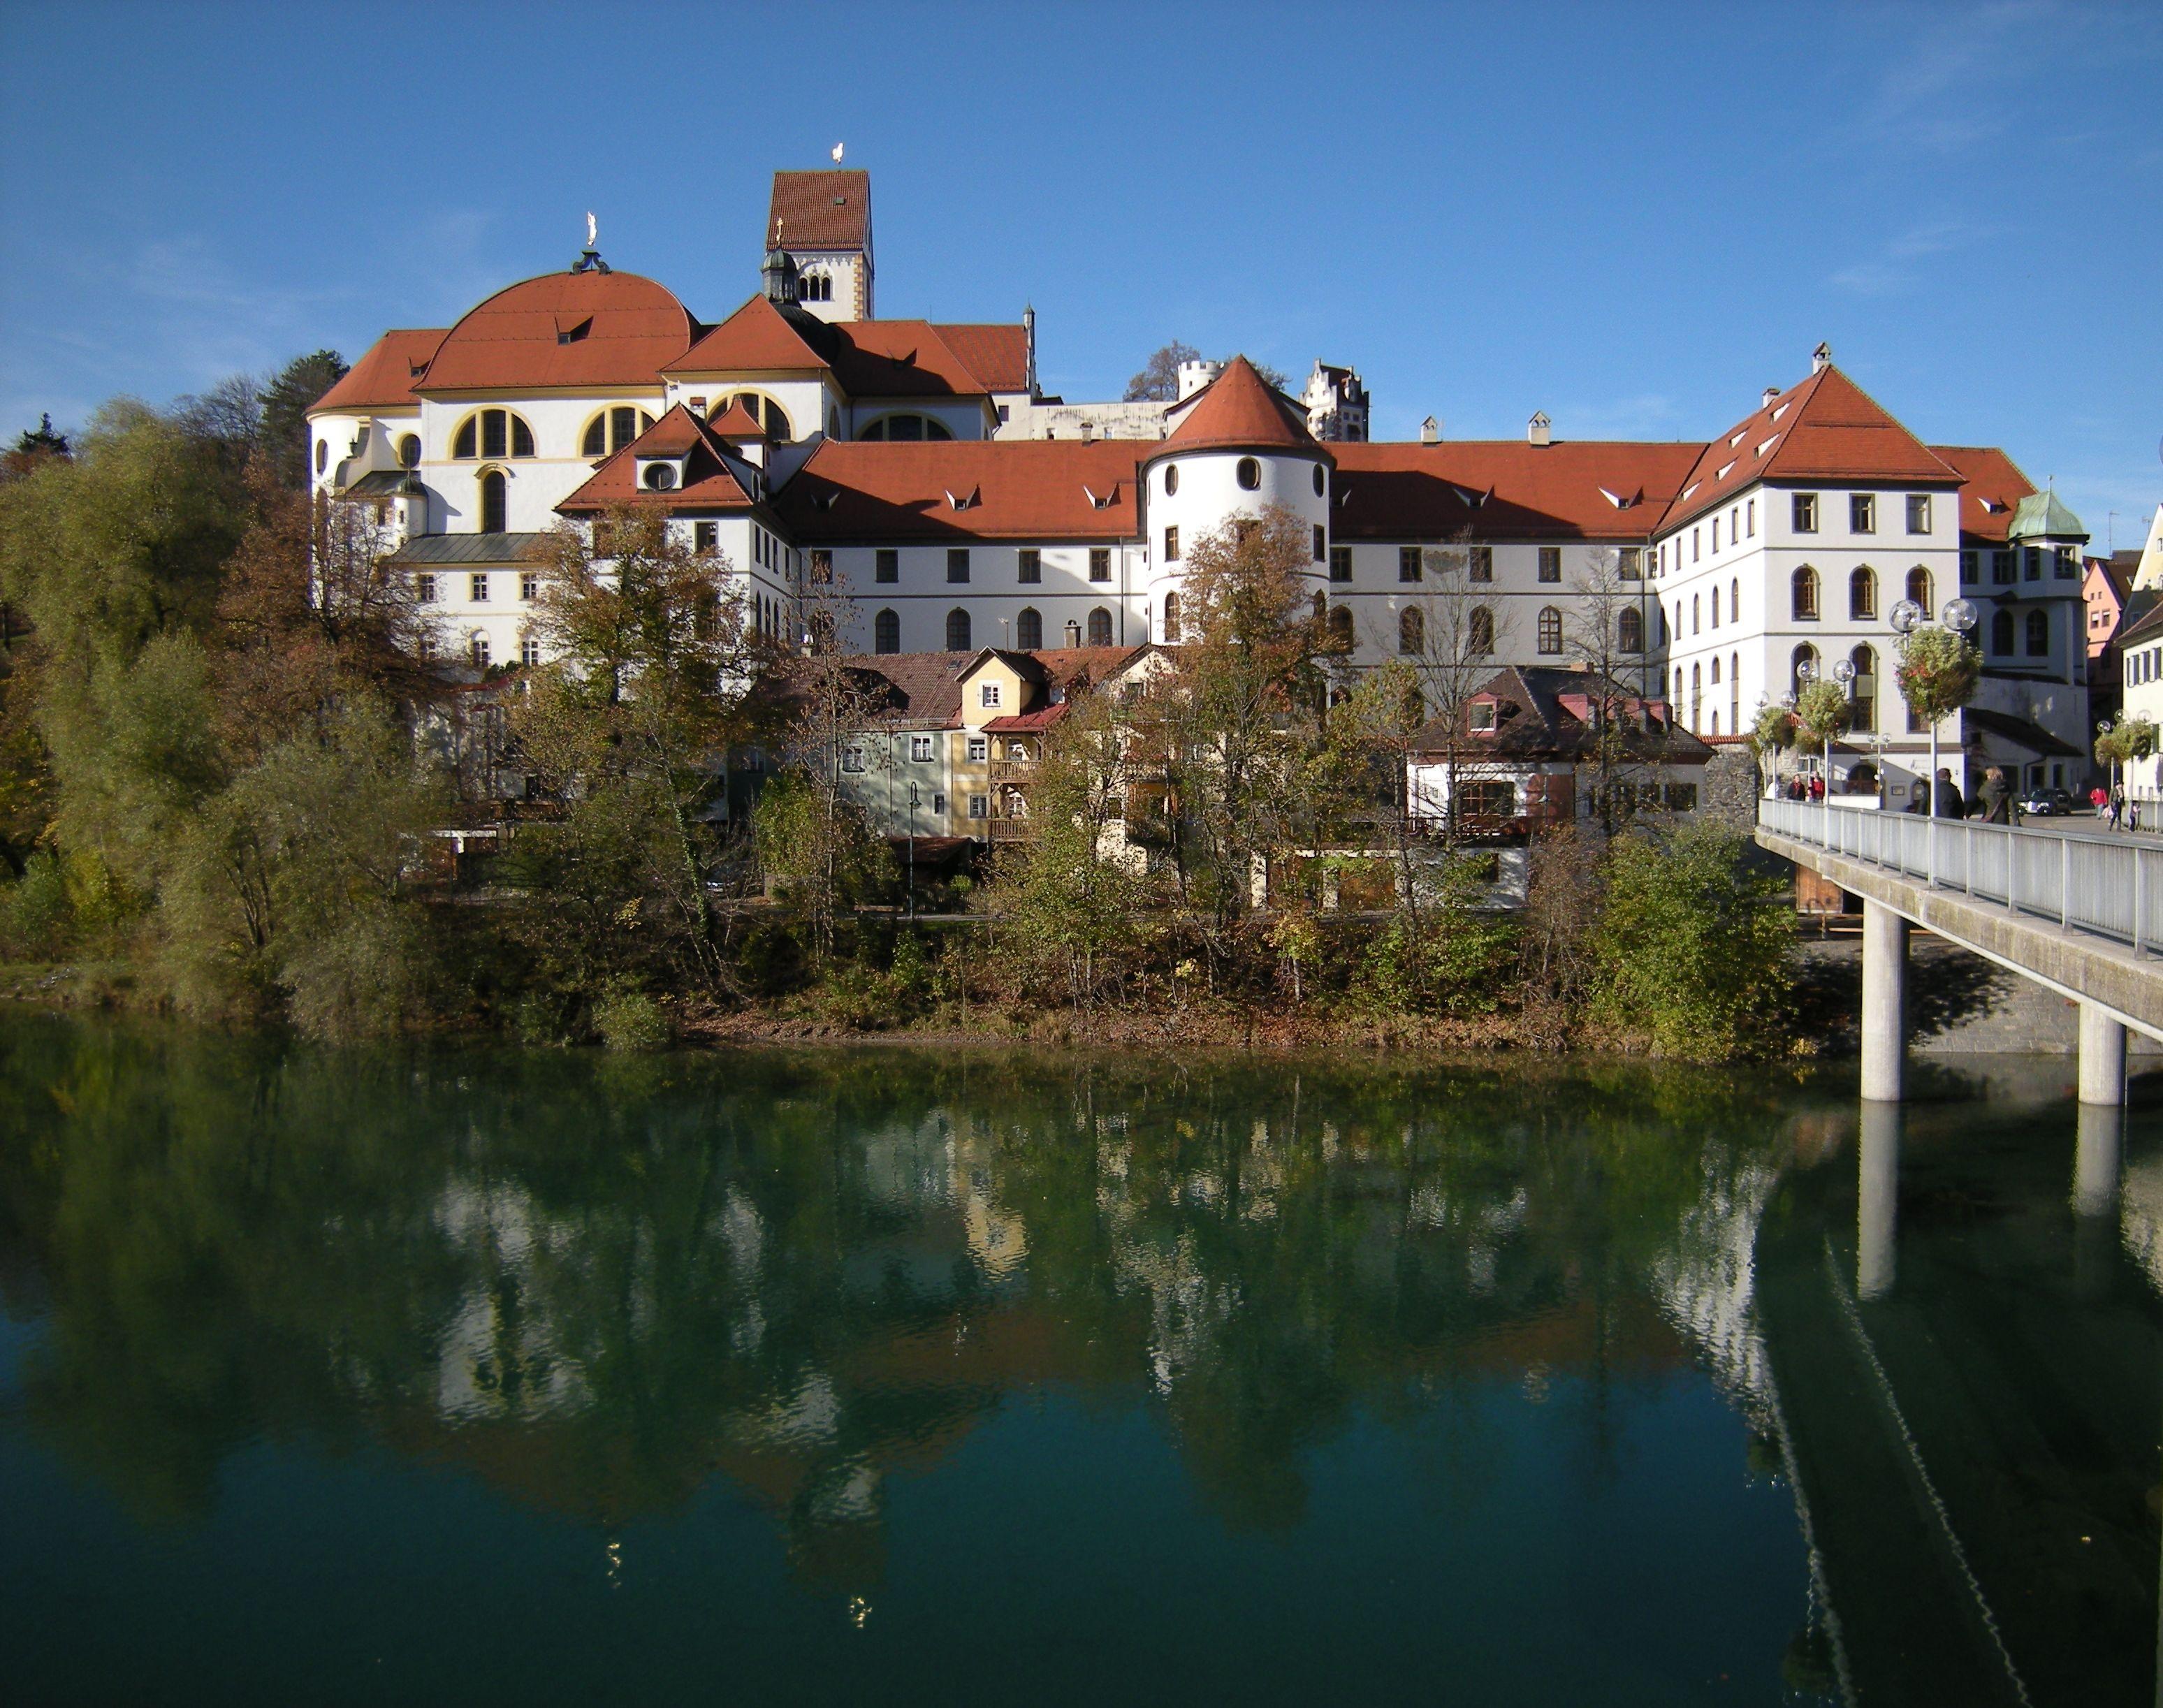 Barockkloster Sankt Mang Füssen